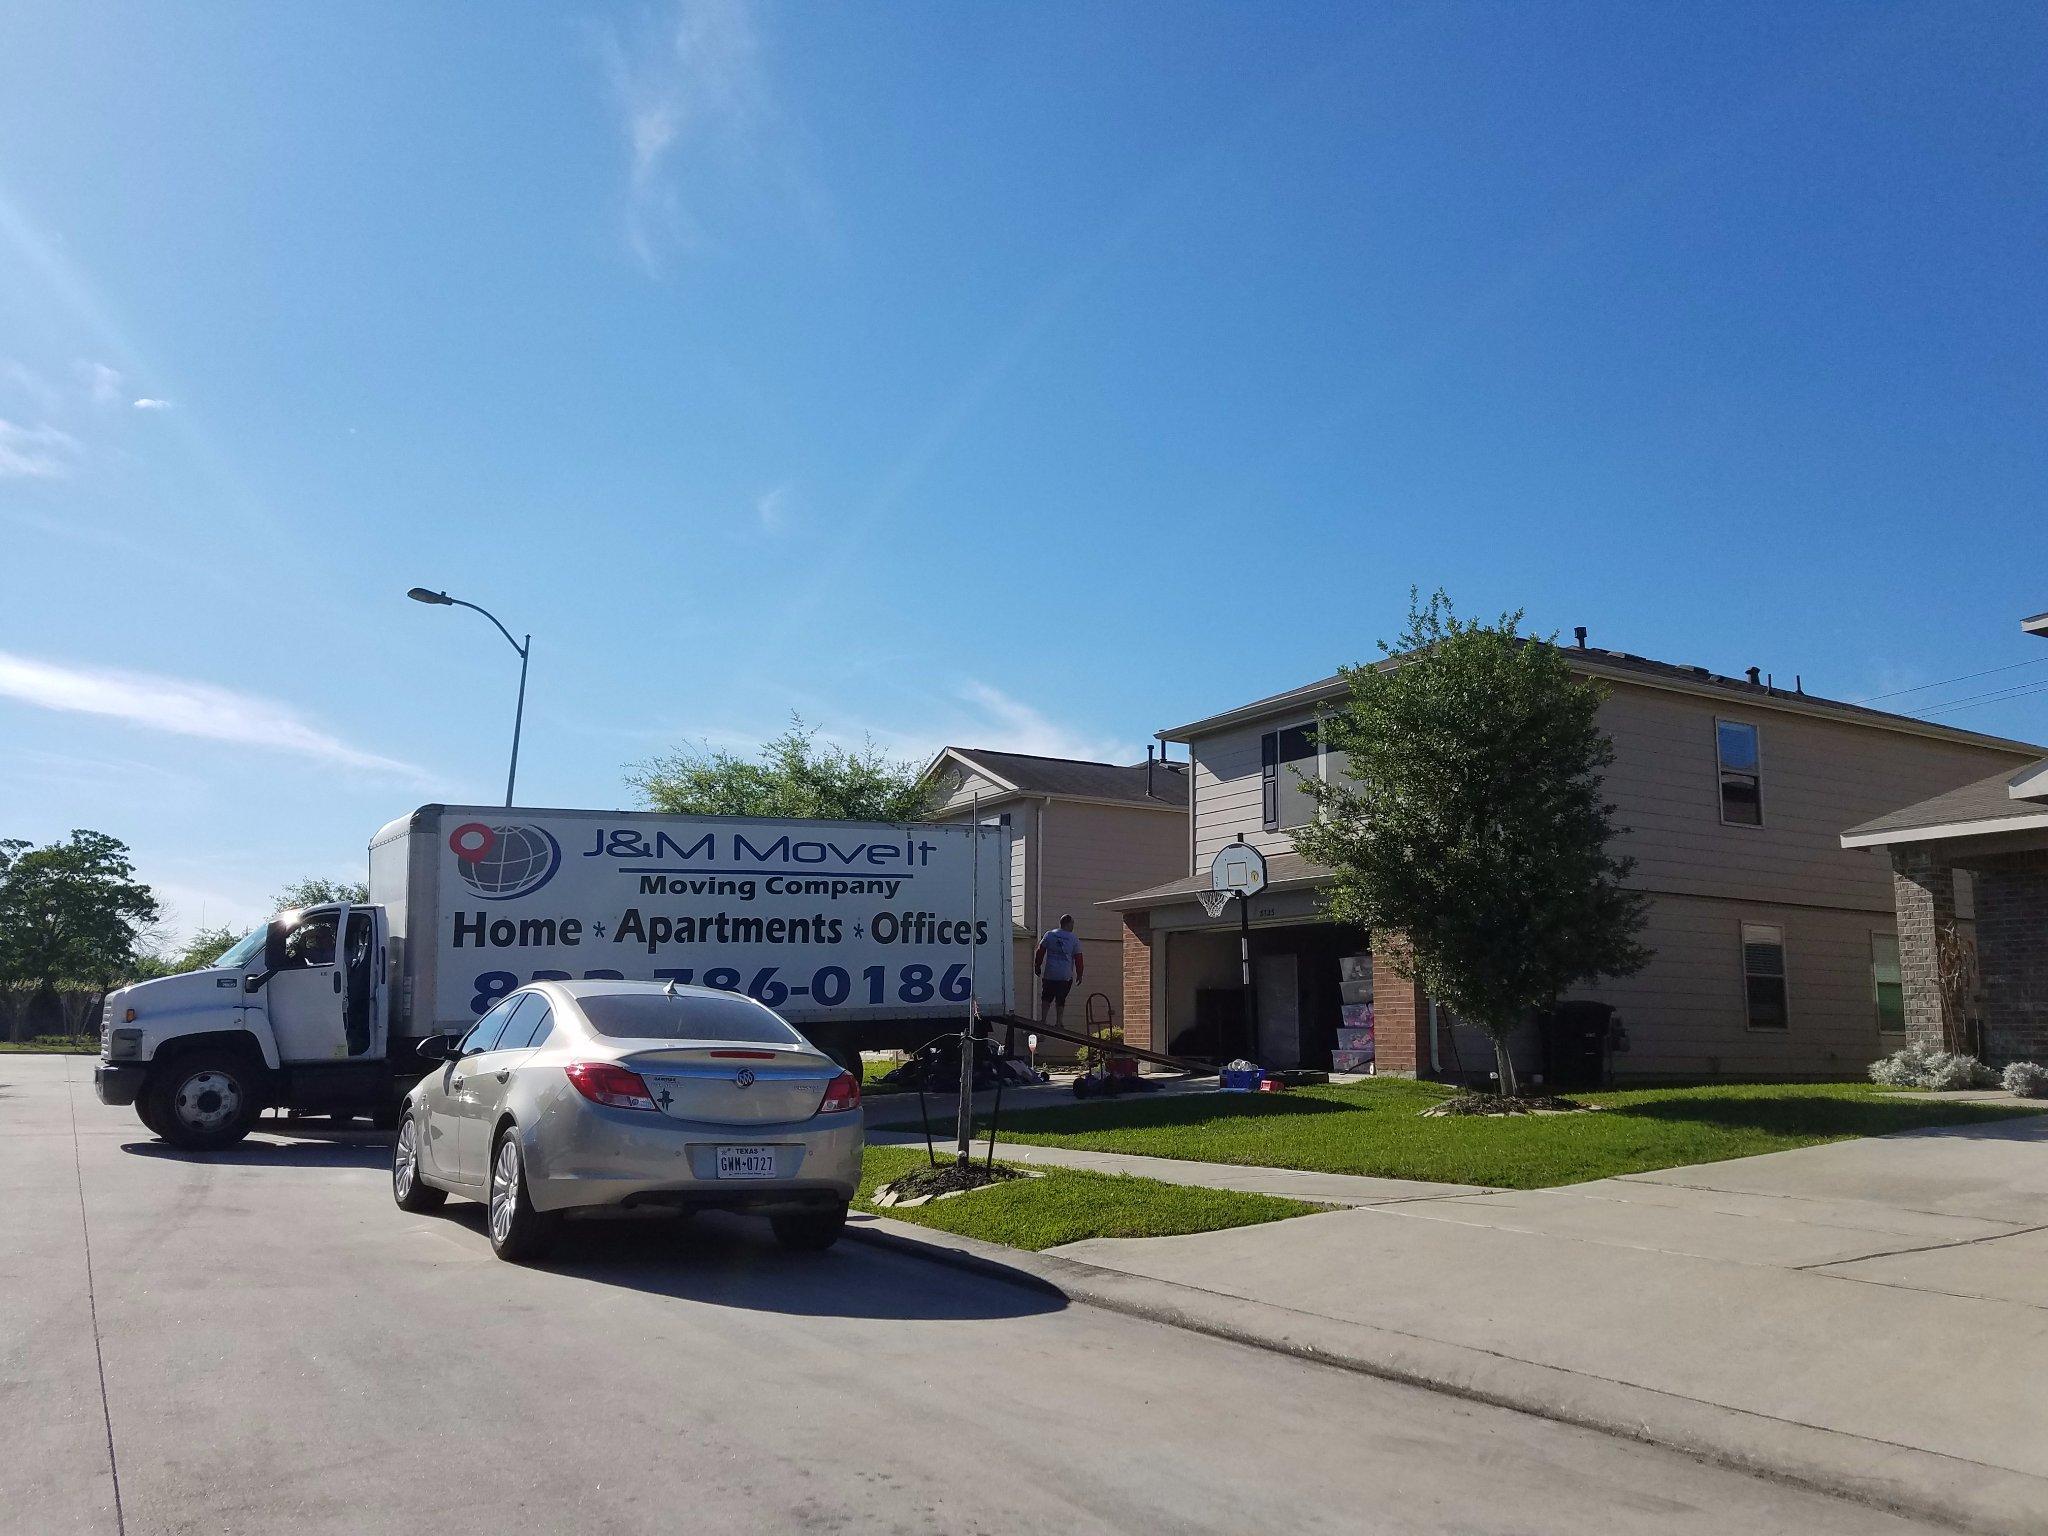 Texas MoveIt Houston Movers Houston TX - Apartment movers houston tx